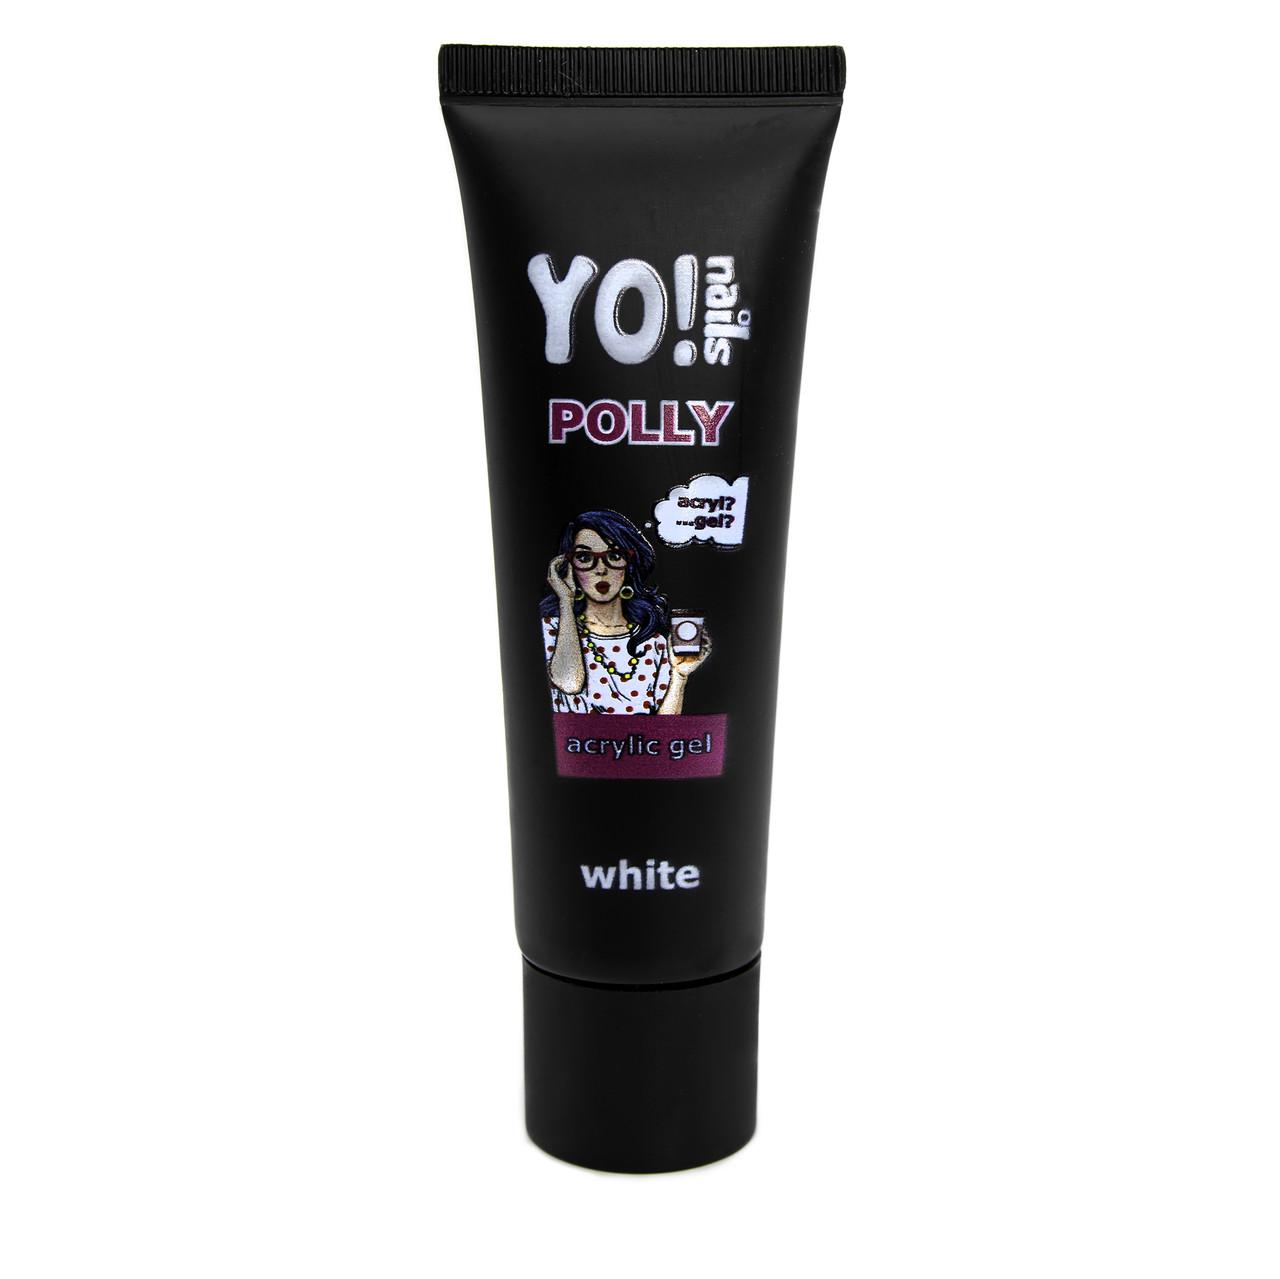 Полигель, акриловый гель Yo!Nails POLLY, цвет White, молочно-белый, 30 грамм